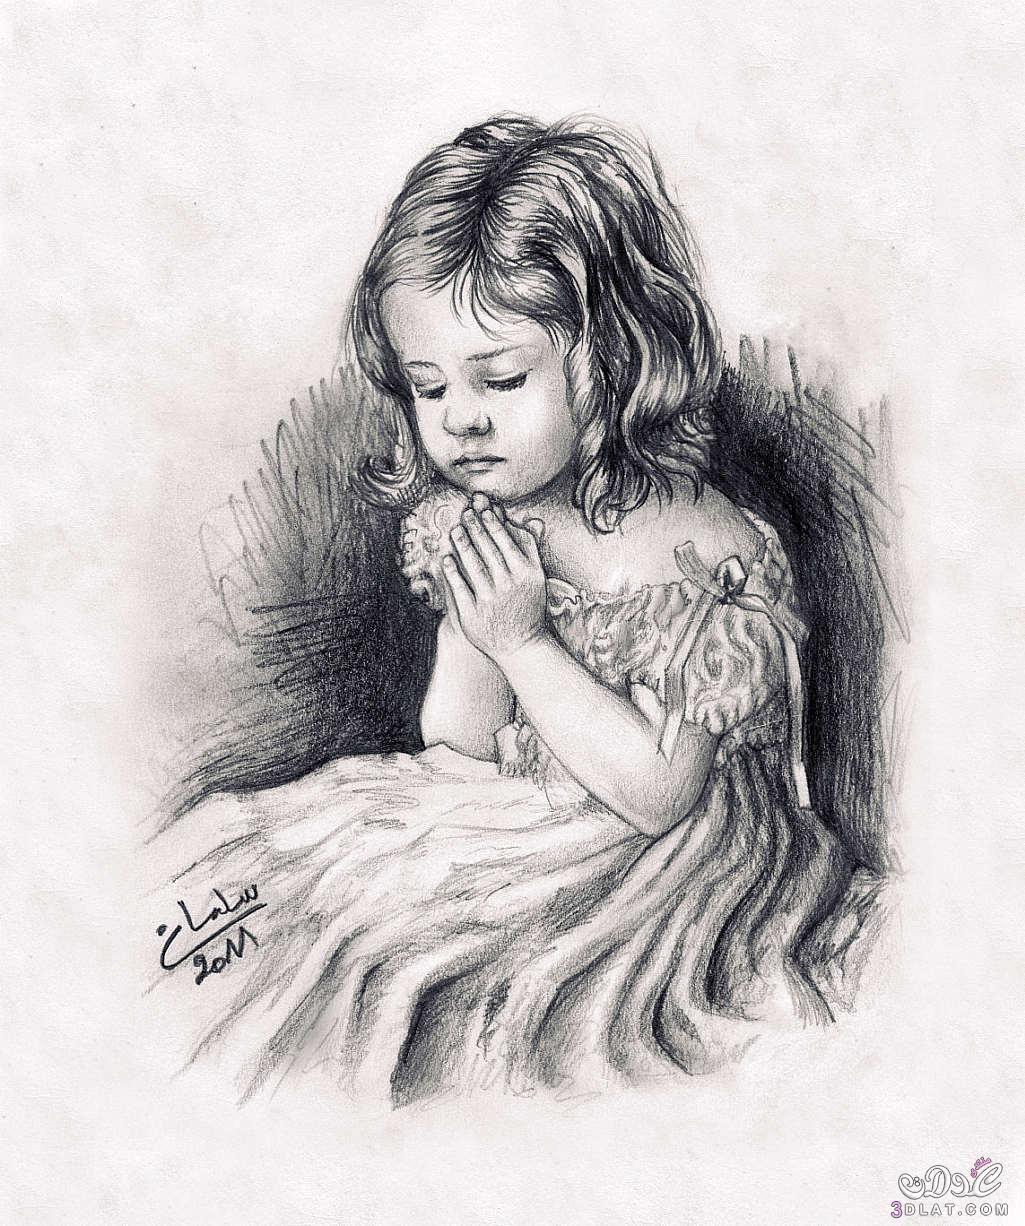 صور حب عشق رومانسيه مرسومه اجمل صور الحب الاطفال البنات المرسومه باليد صور حب ورومانسيه روعه Pencil Drawings Portrait Drawing Drawings